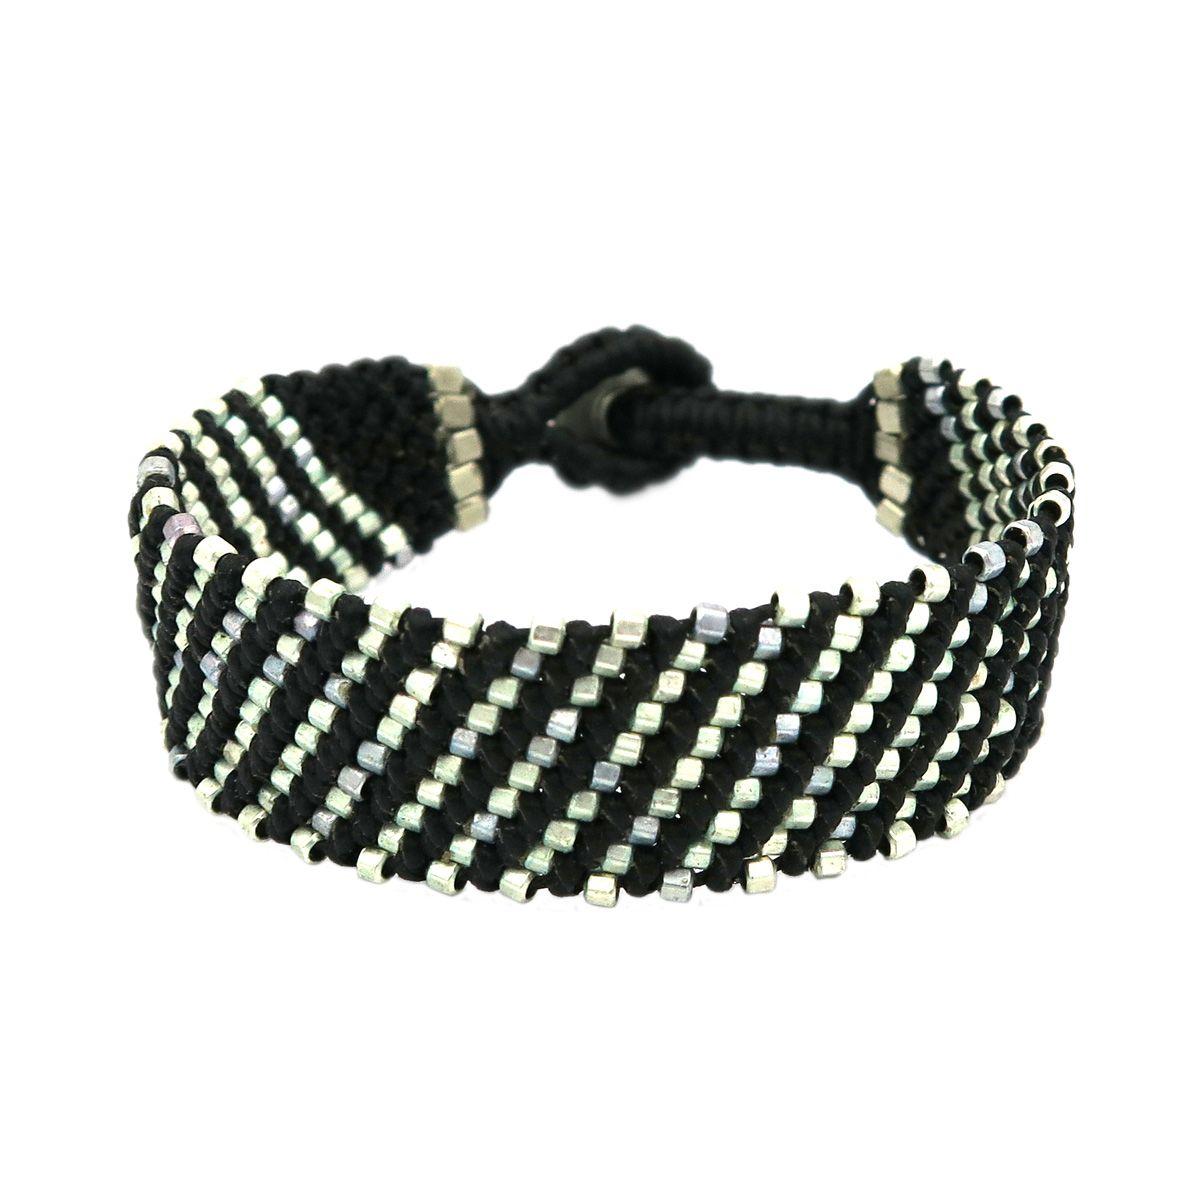 bracelet tube on diagonal shape 04822366